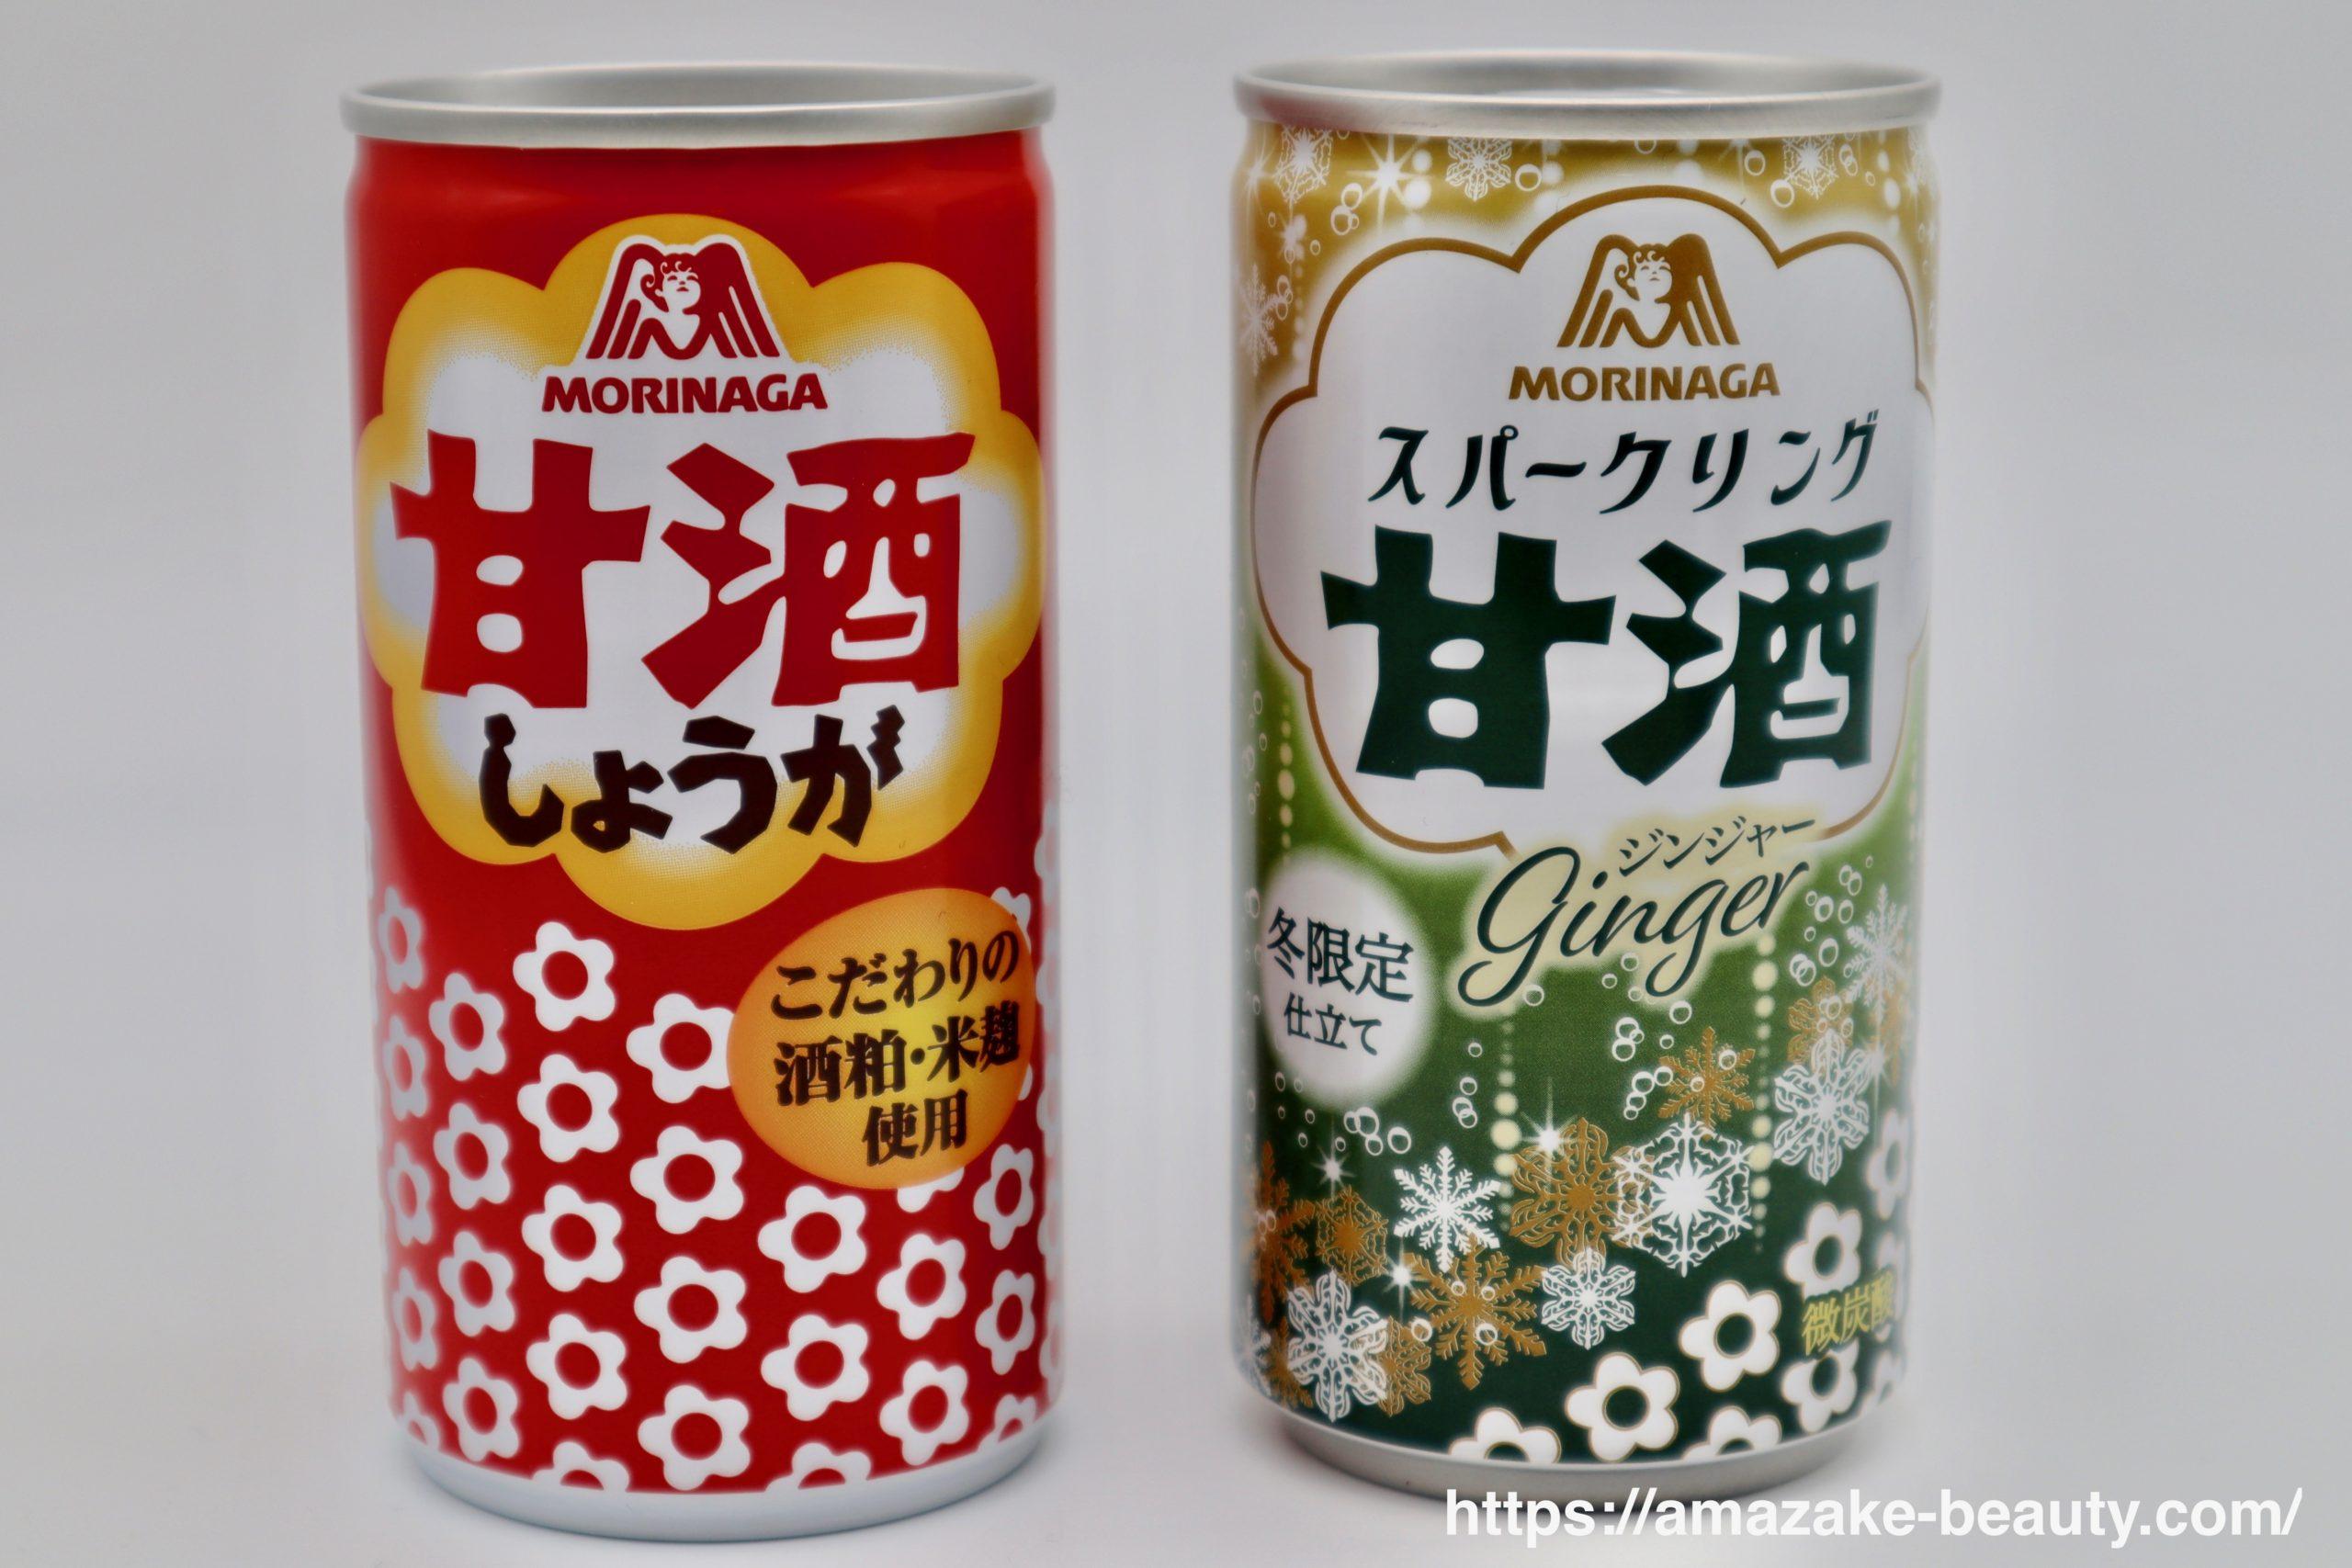 【甘酒】森永製菓『スパークリング甘酒(ジンジャー)』(生姜甘酒とスパークリング甘酒)